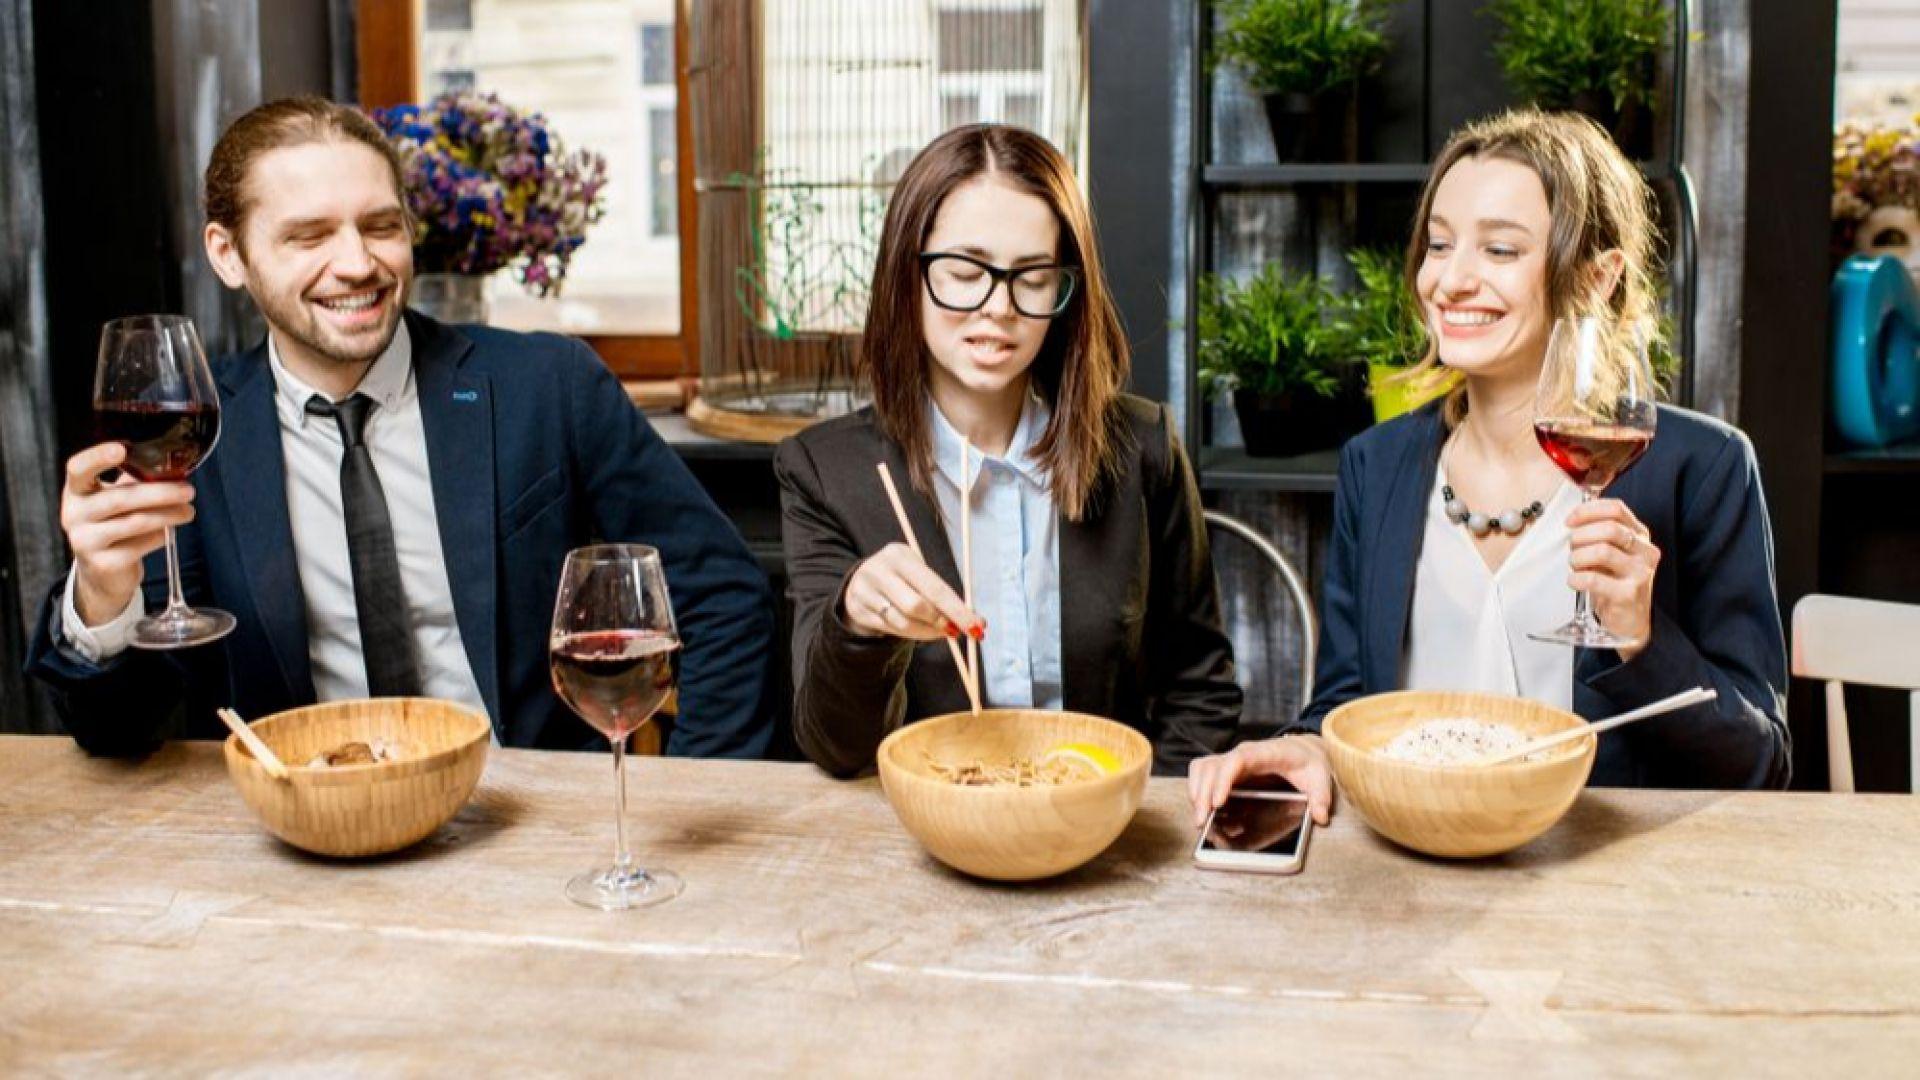 Определиха идеалния тип ресторант за бизнес срещи